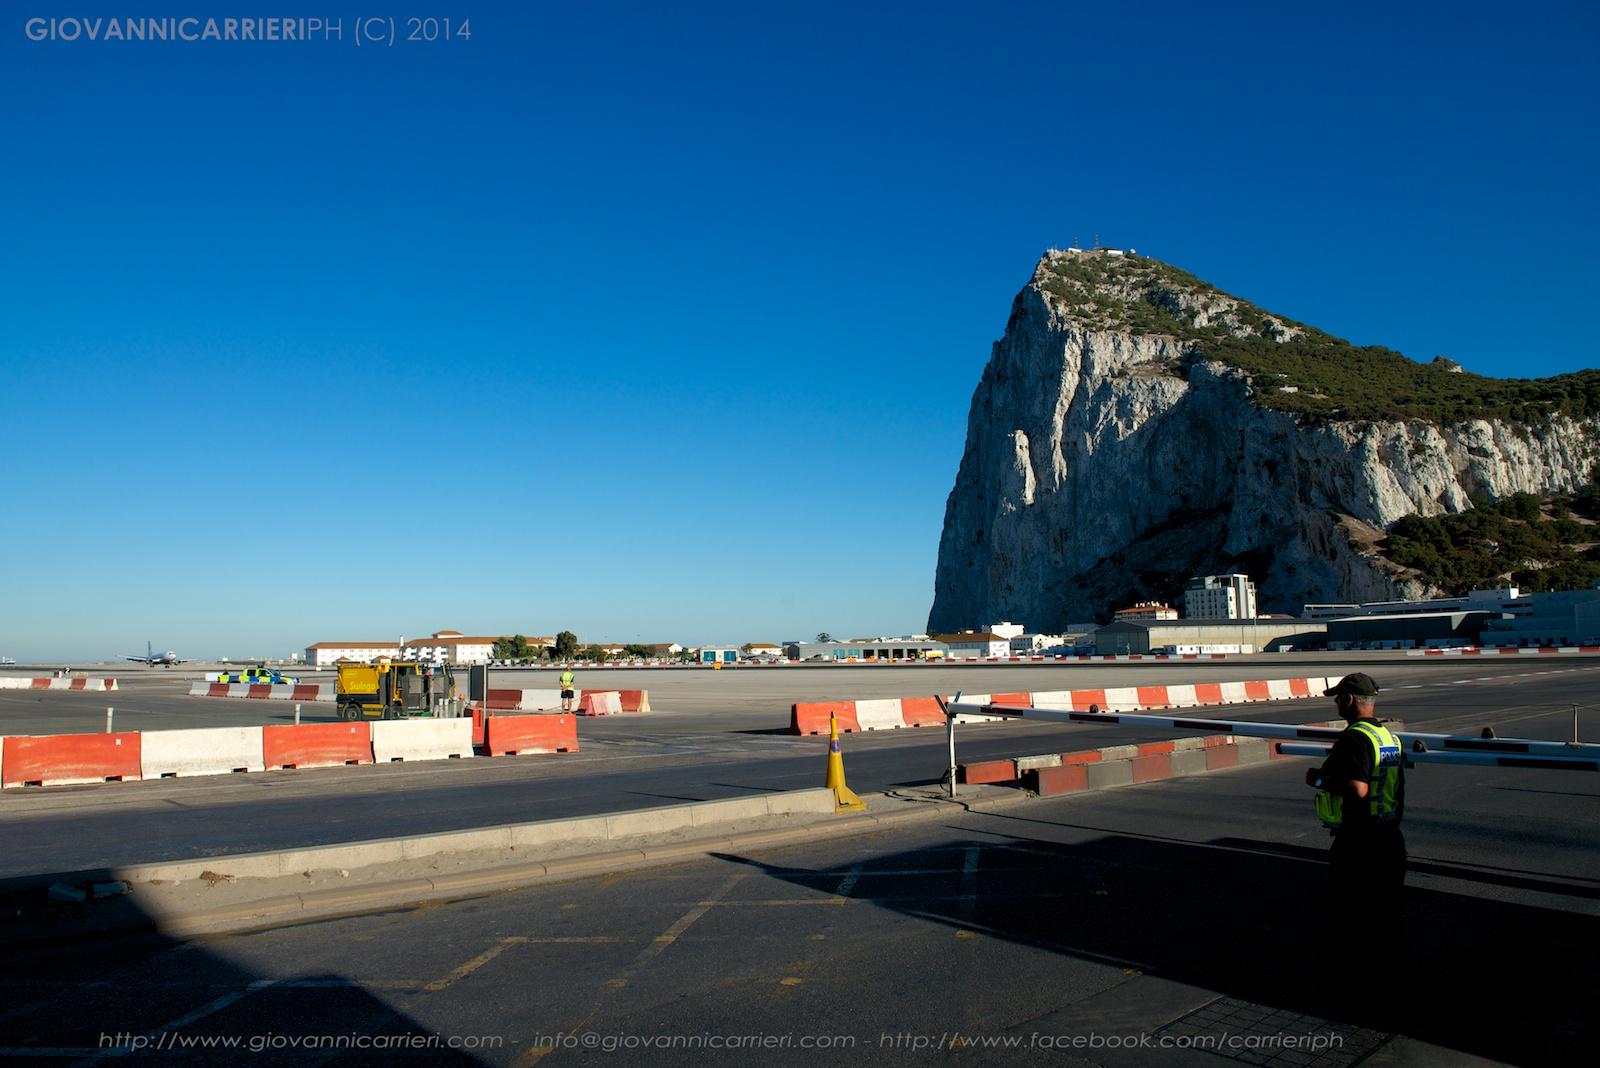 Atterraggio nell'areoporto di Gibilterra